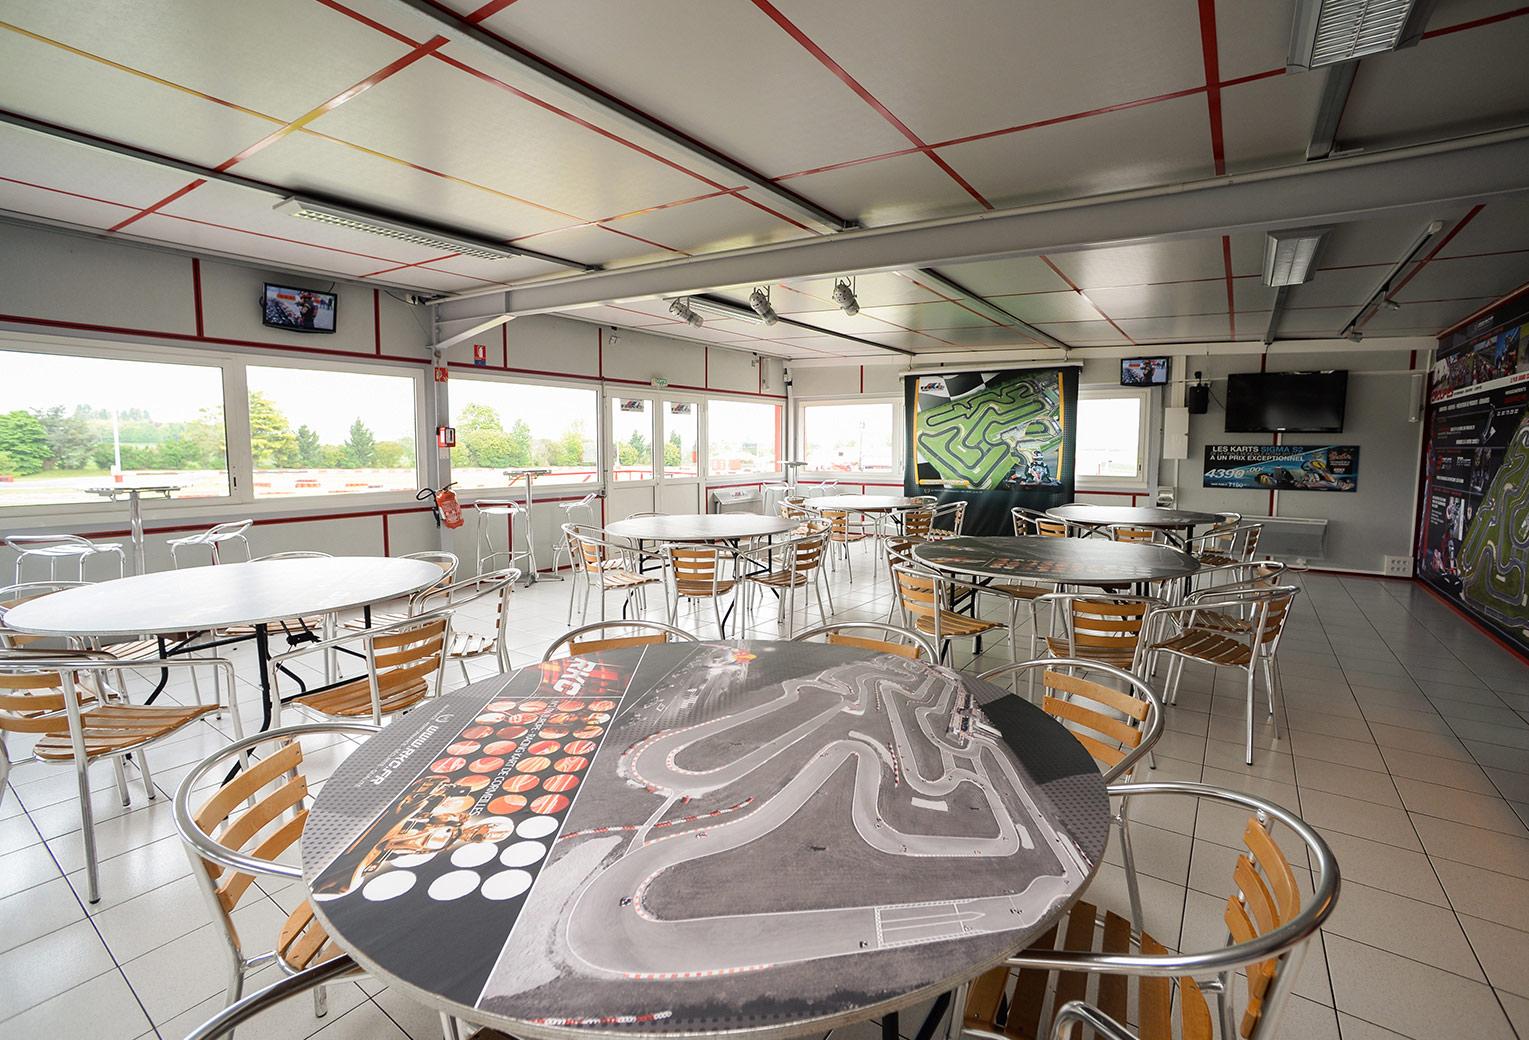 centre de formation agr n 11 95 04 866 95. Black Bedroom Furniture Sets. Home Design Ideas